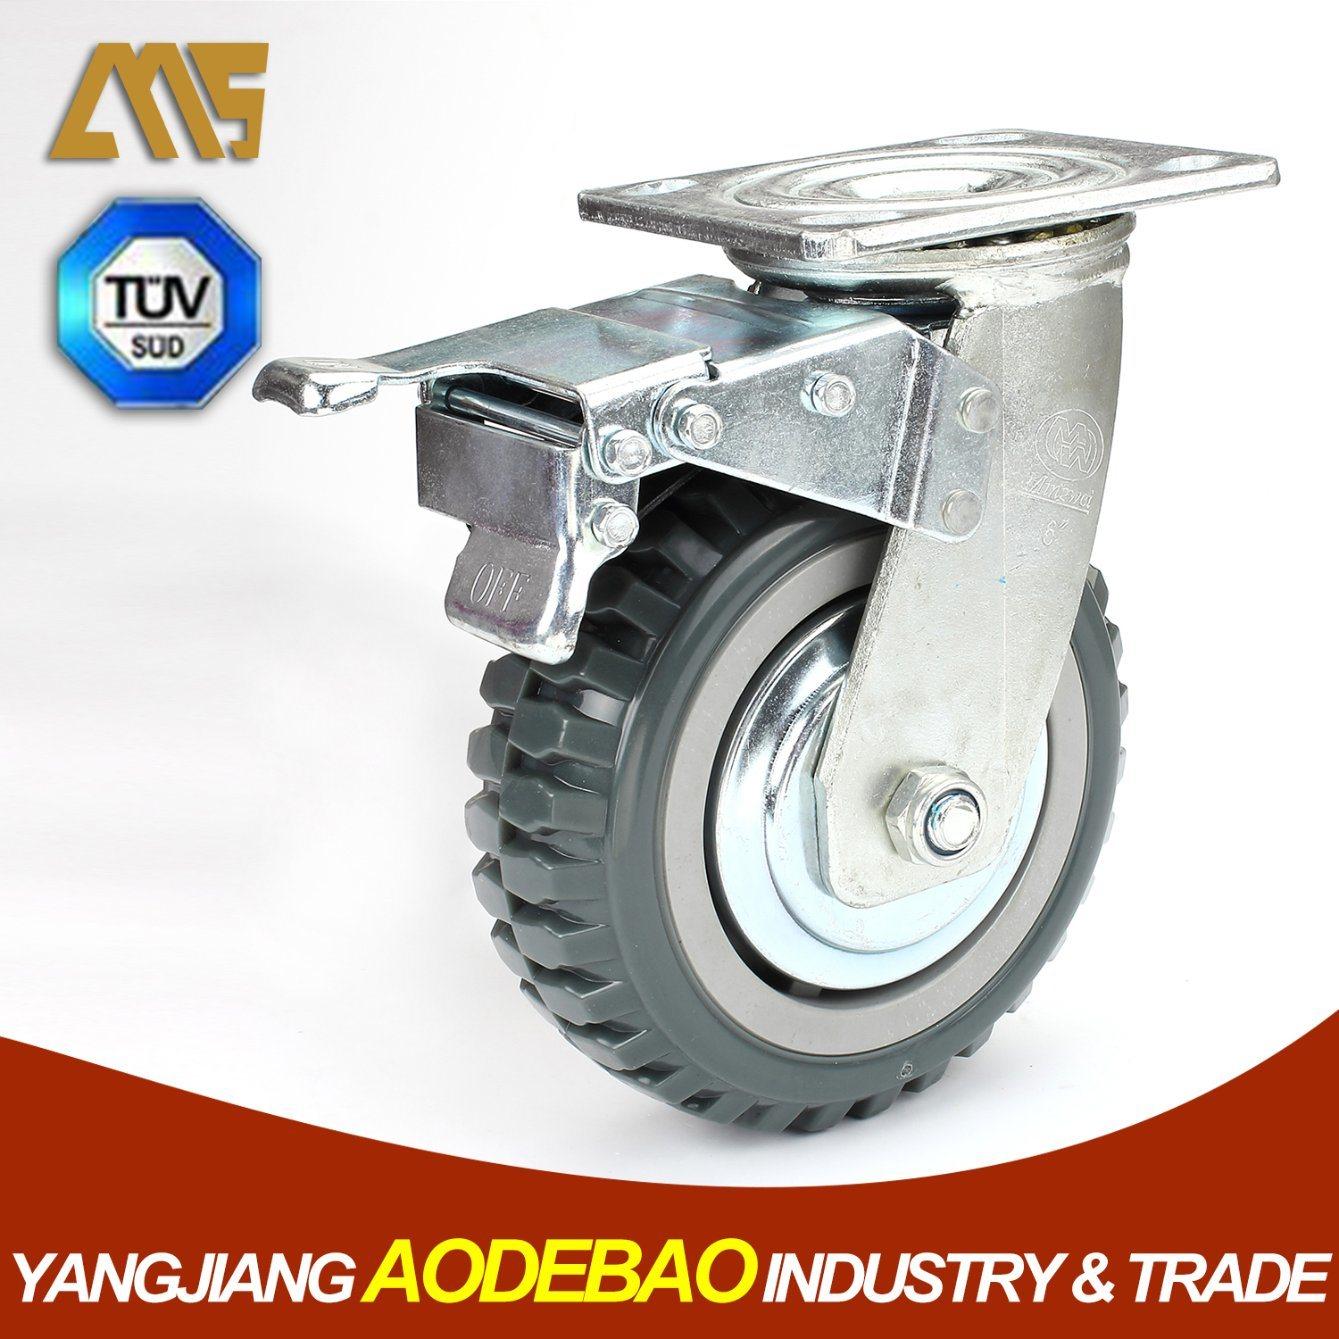 Heavy Duty Double Brake PVC Caster Wheels